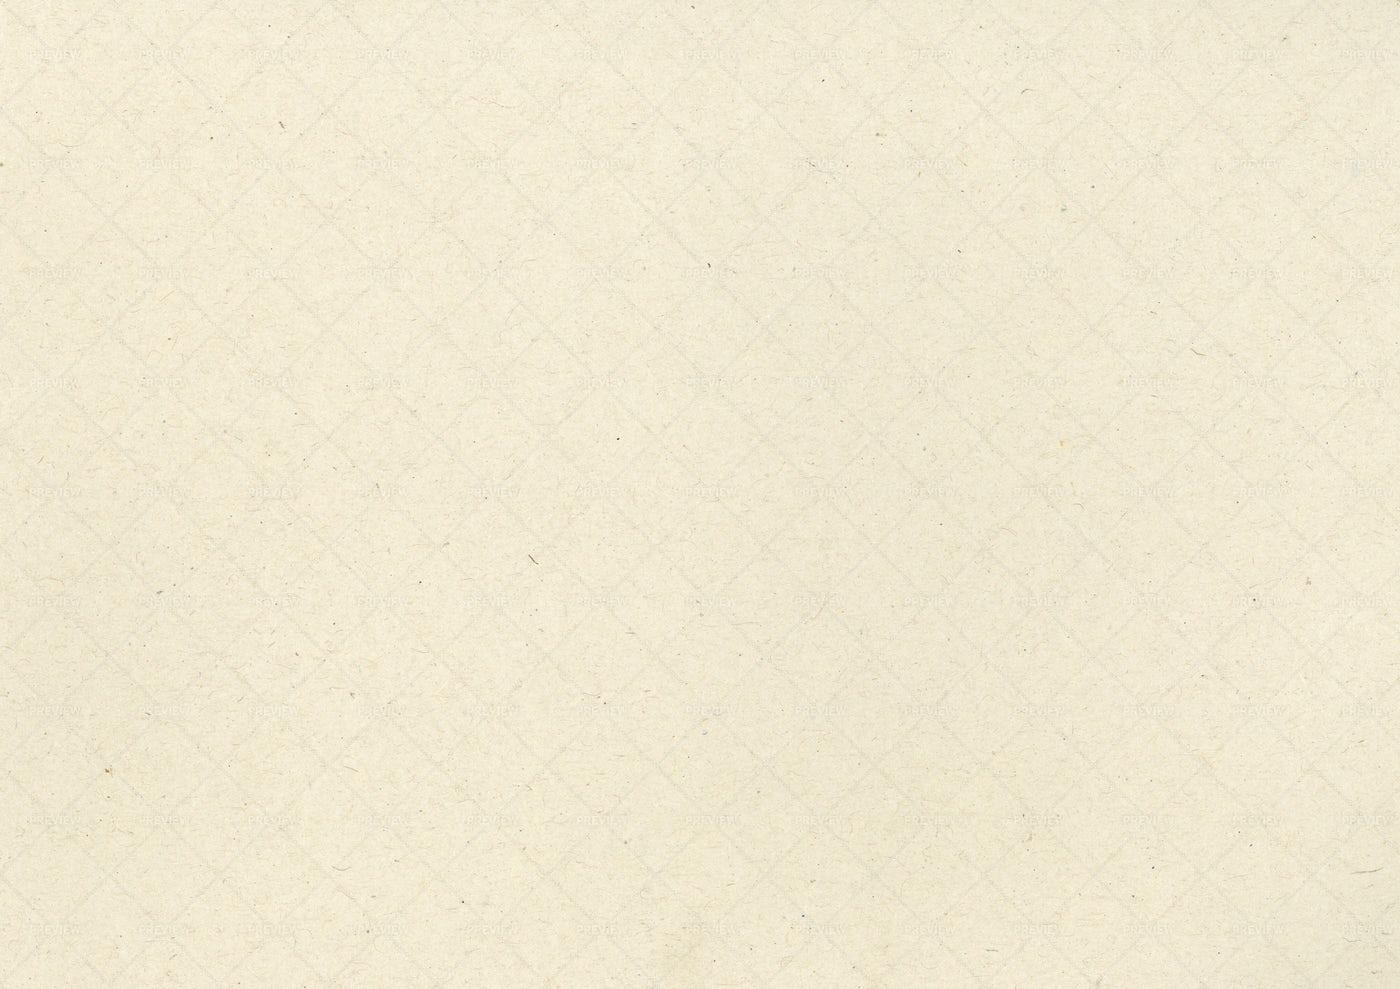 Light Brown Cardboard: Stock Photos